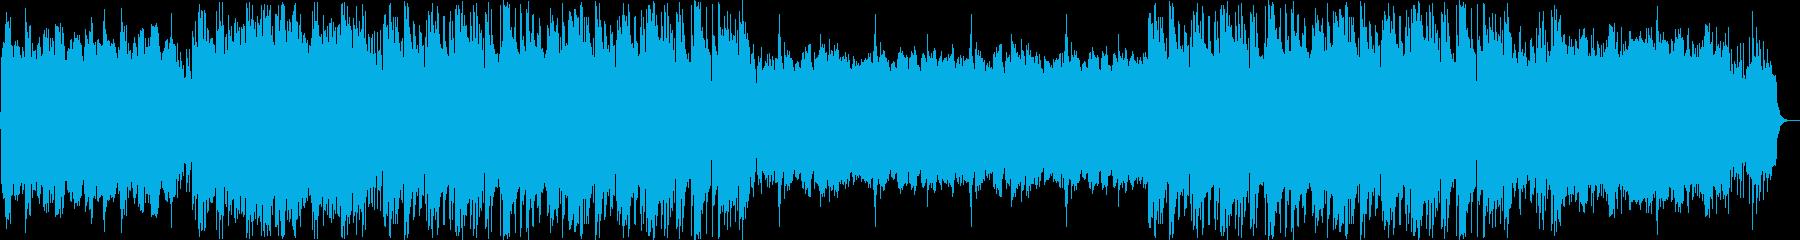 切ないアコーディオンと三味線の融合の再生済みの波形